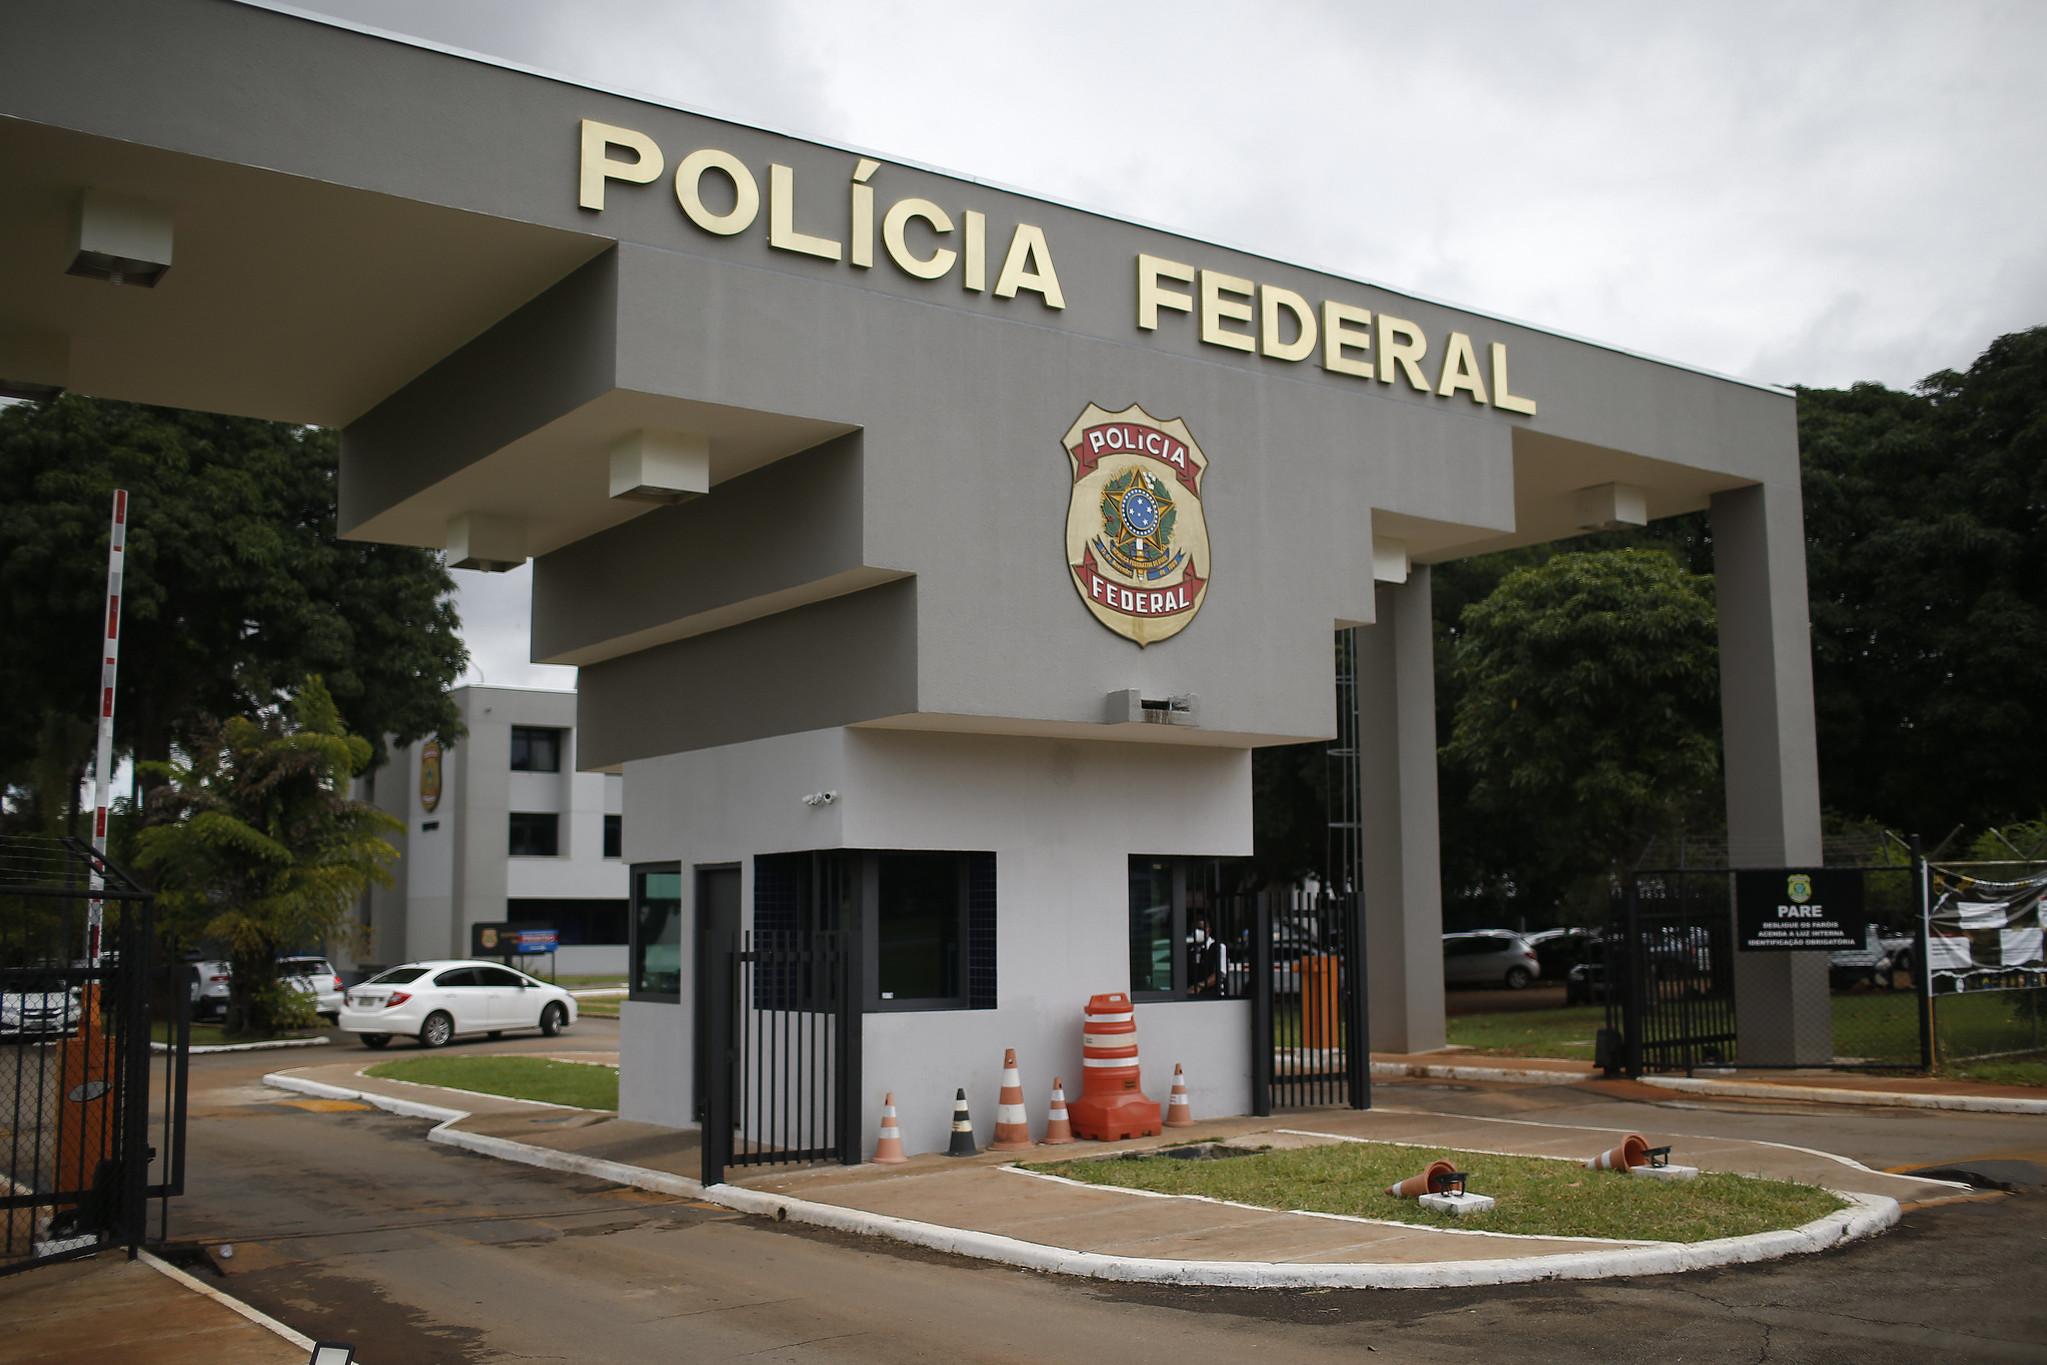 IMAGEM: PF cumpriu mandados nas casas de 3 conselheiros do Tribunal de Contas de Mato Grosso do Sul